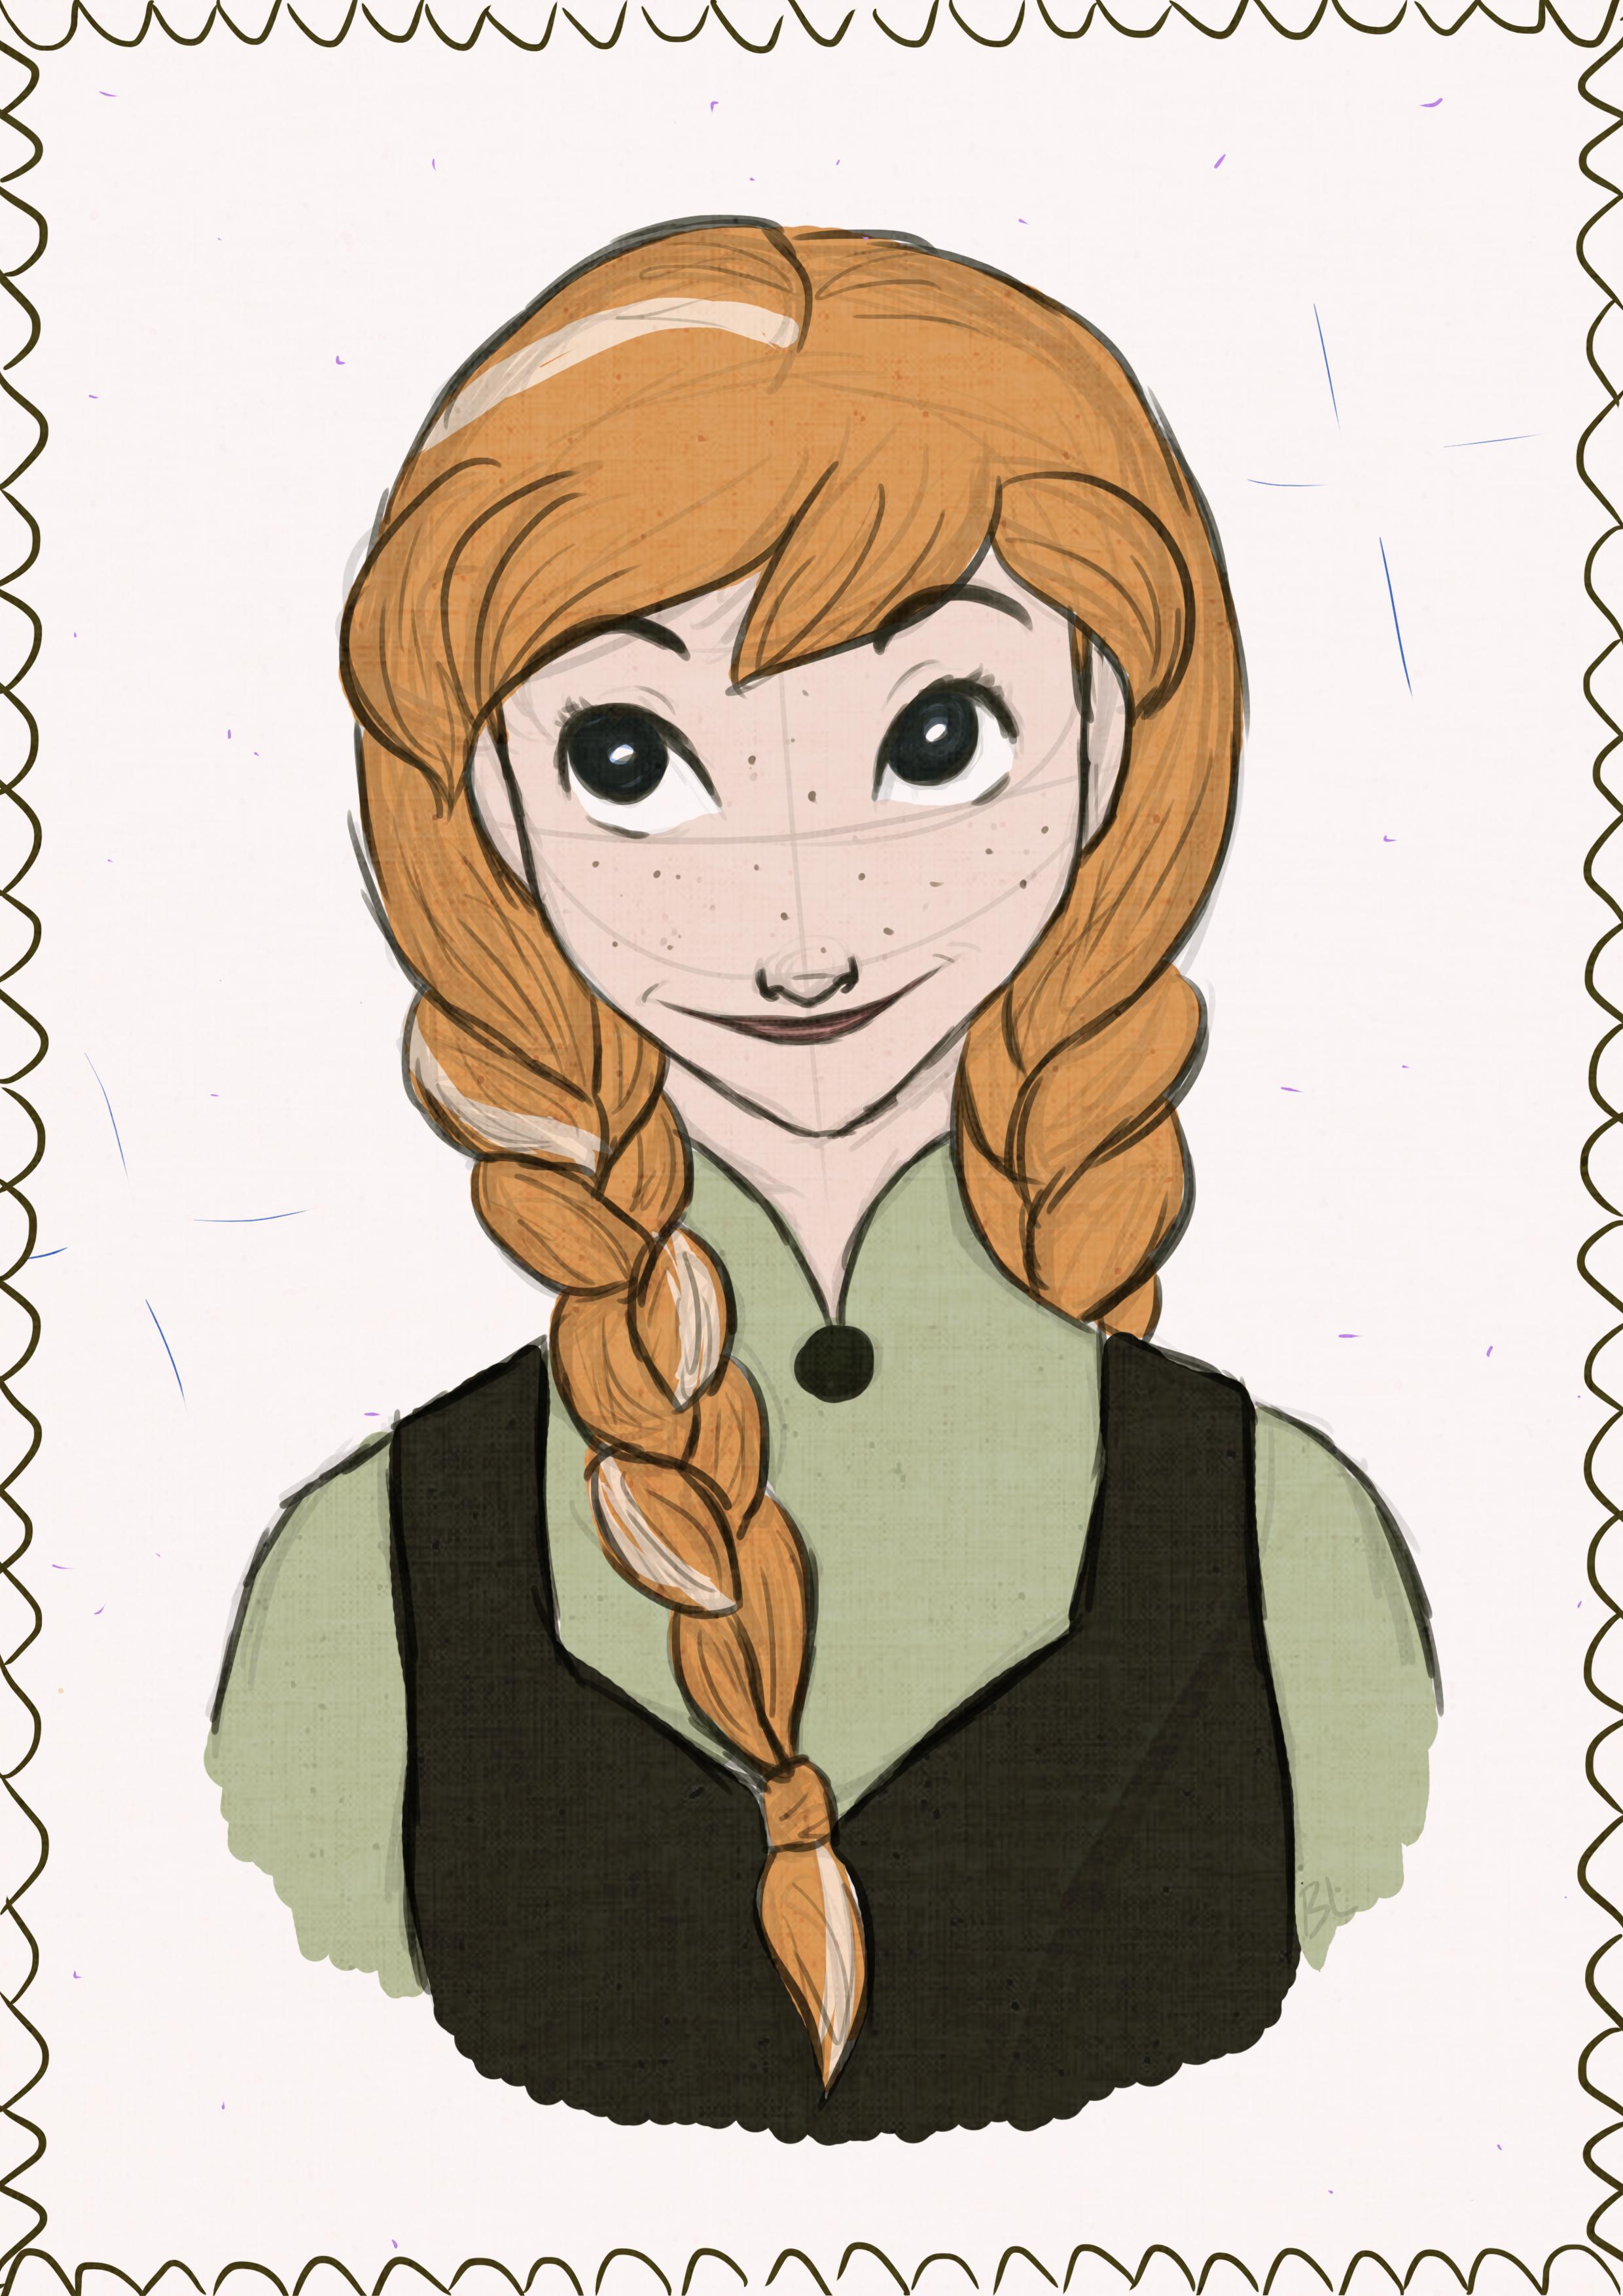 Anna by bealor